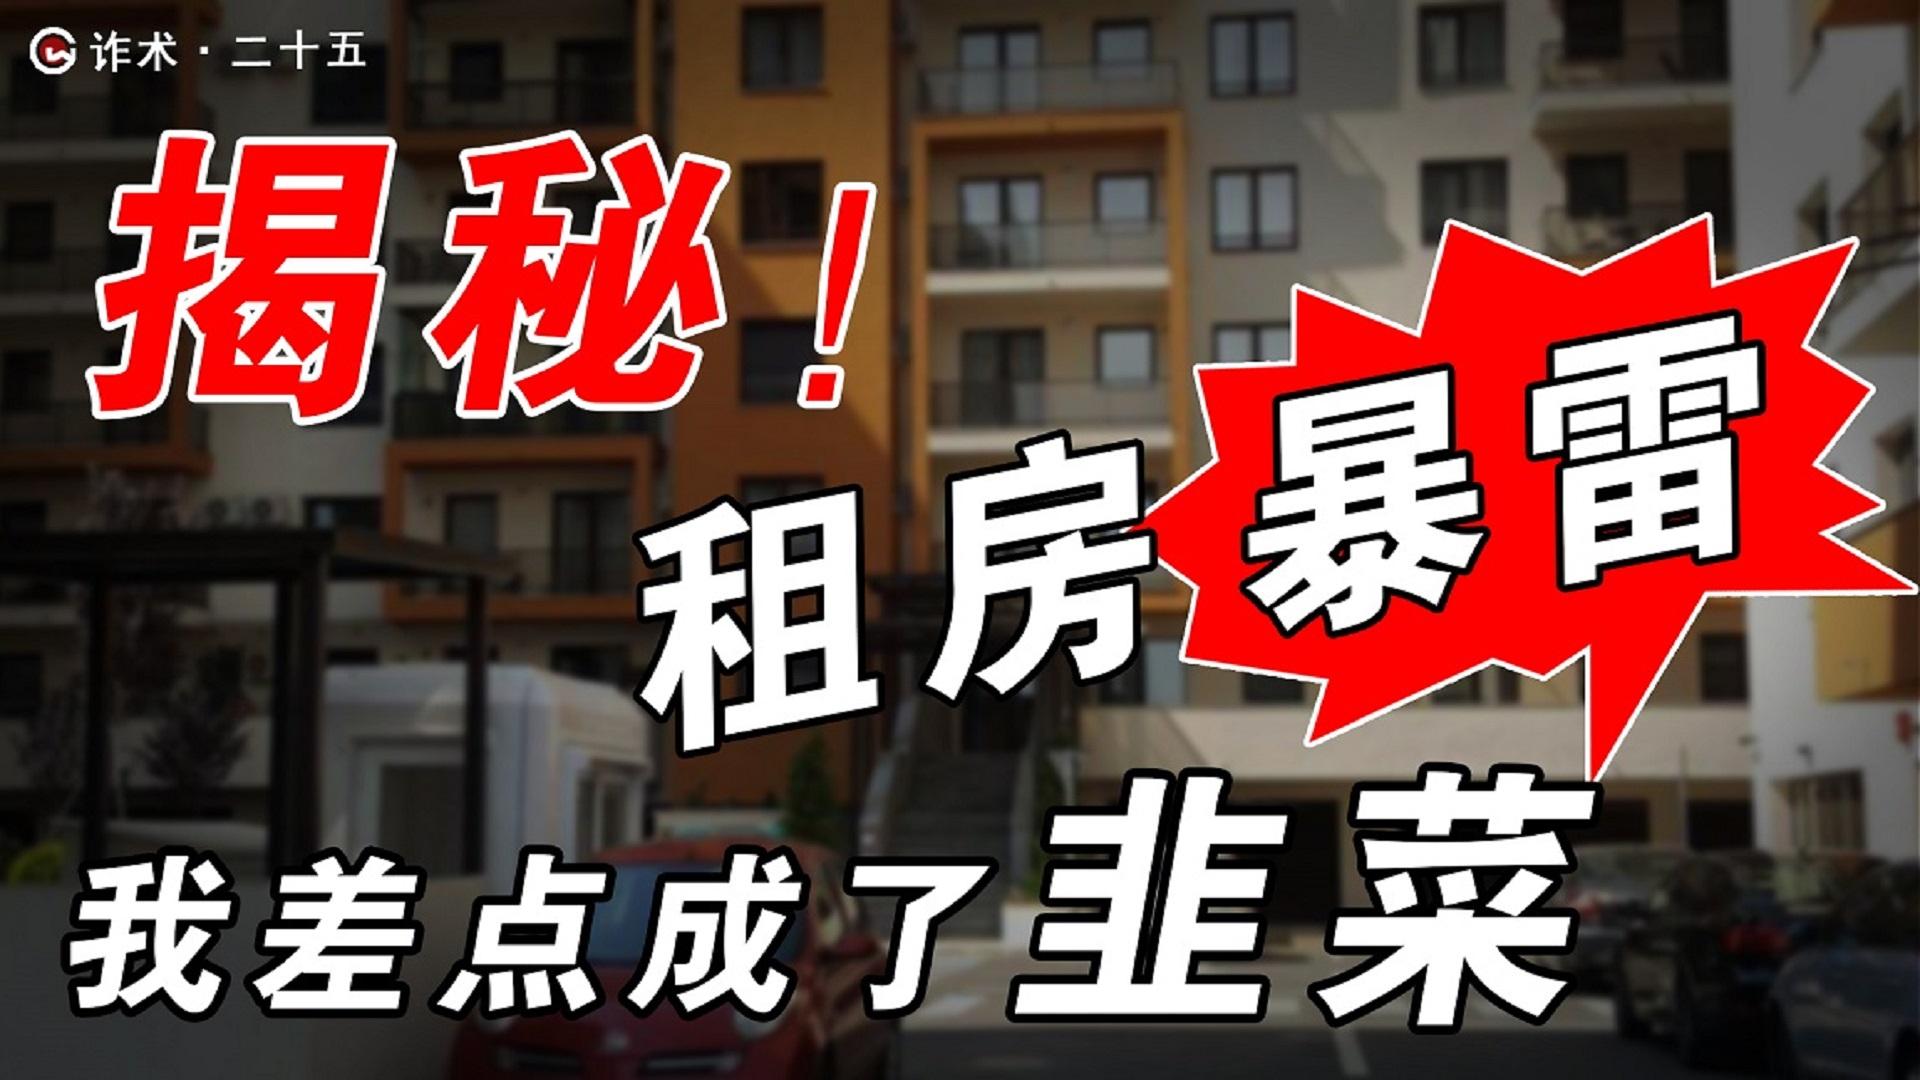 揭秘!长租公寓为何频频暴雷,年轻人进社会的第一顿毒打